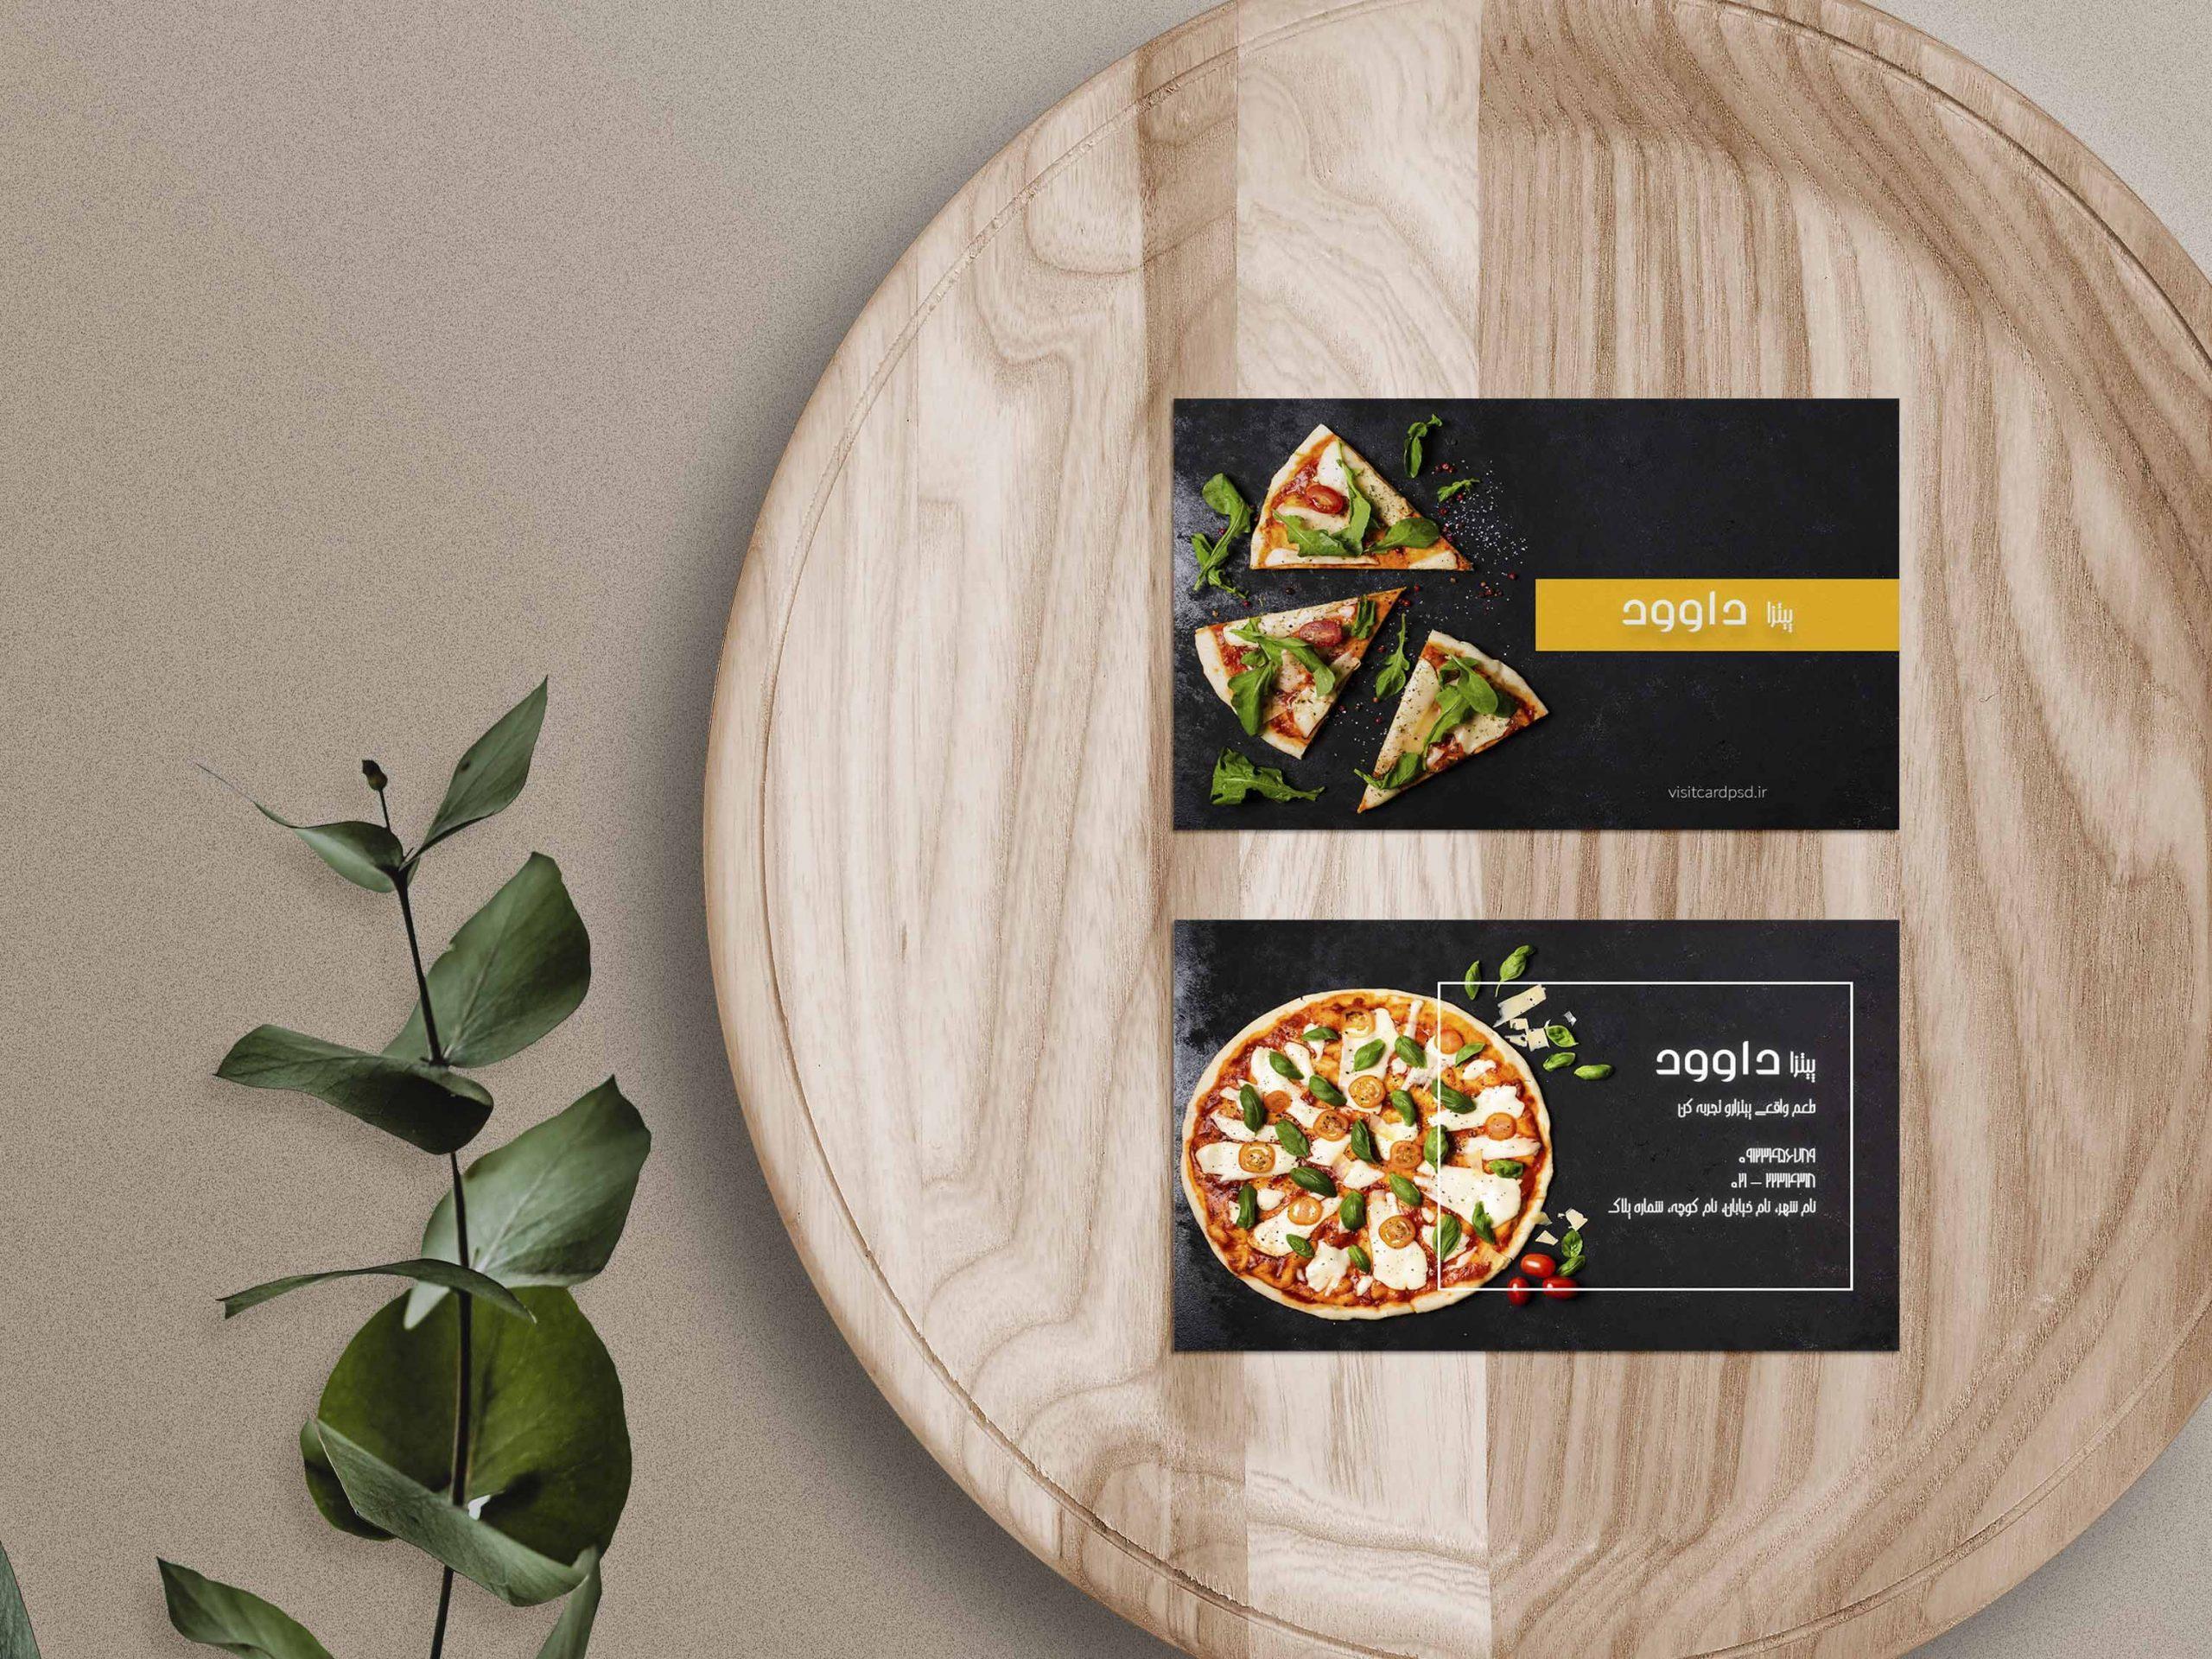 طراحی و دانلود کارت ویزیت فست فود و پیتزا داوود به طورت لایه باز visitcardpsd.ir